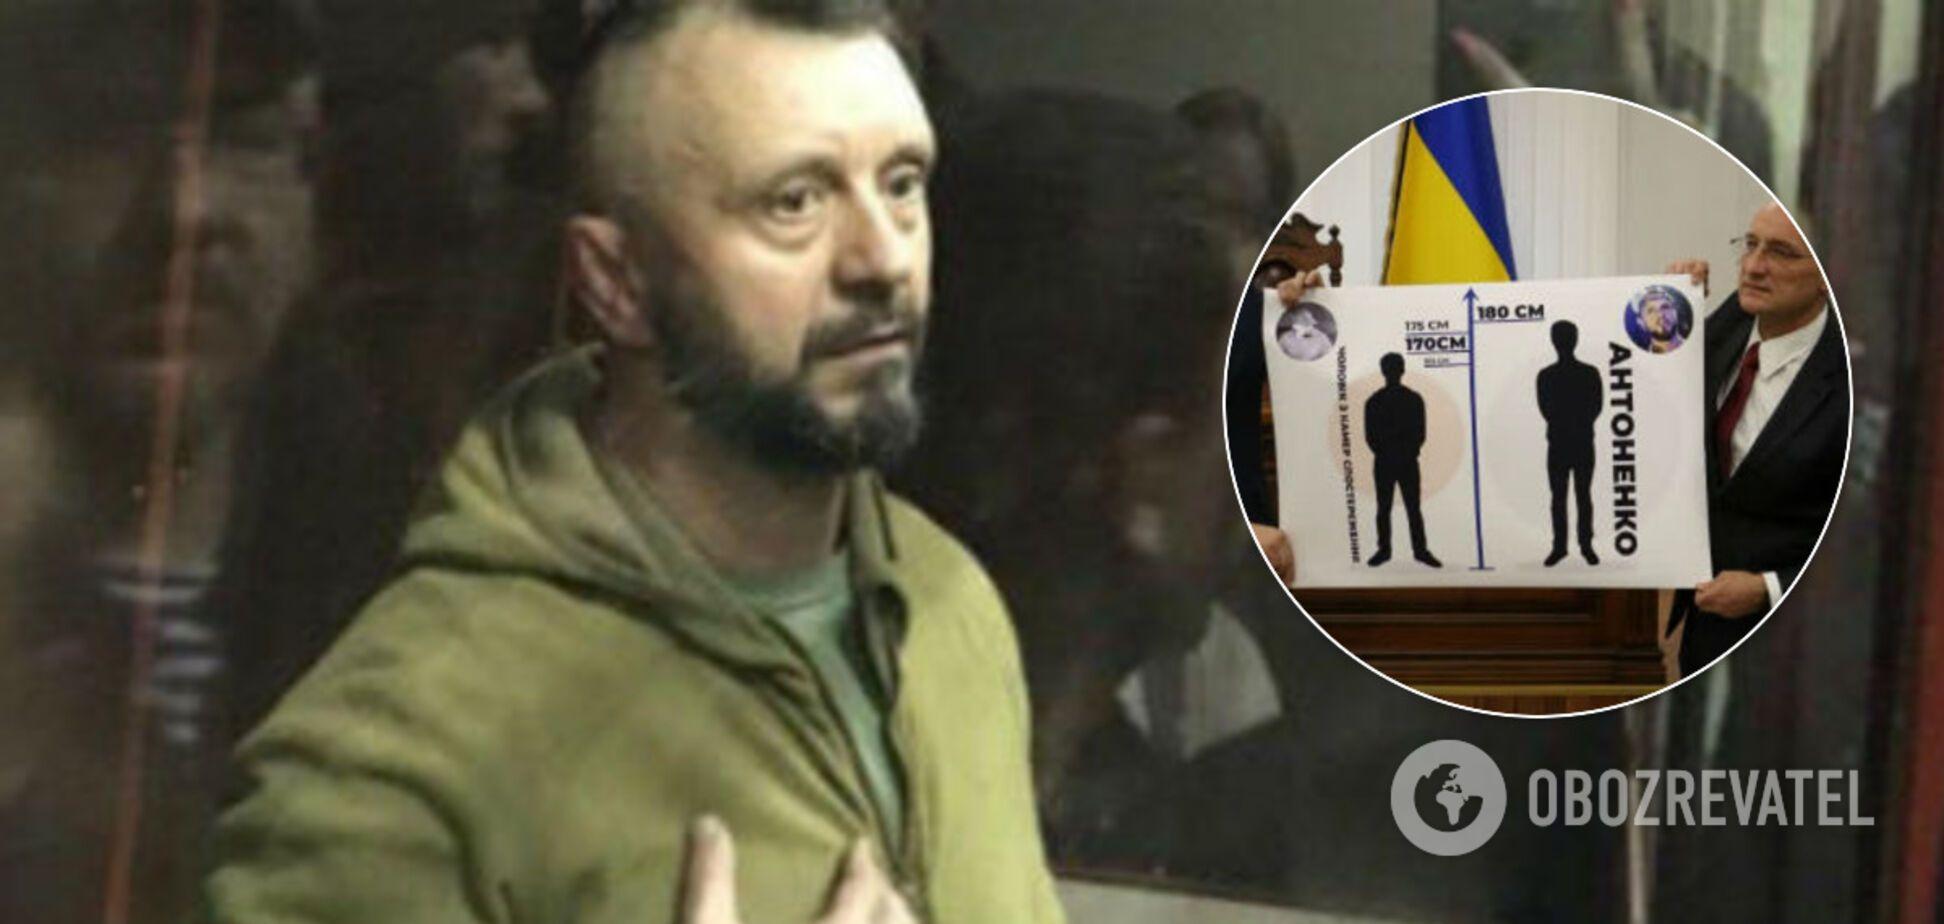 'Рост киллера не установлен!' Дело по подозреваемому в убийстве Шеремета получило новый поворот